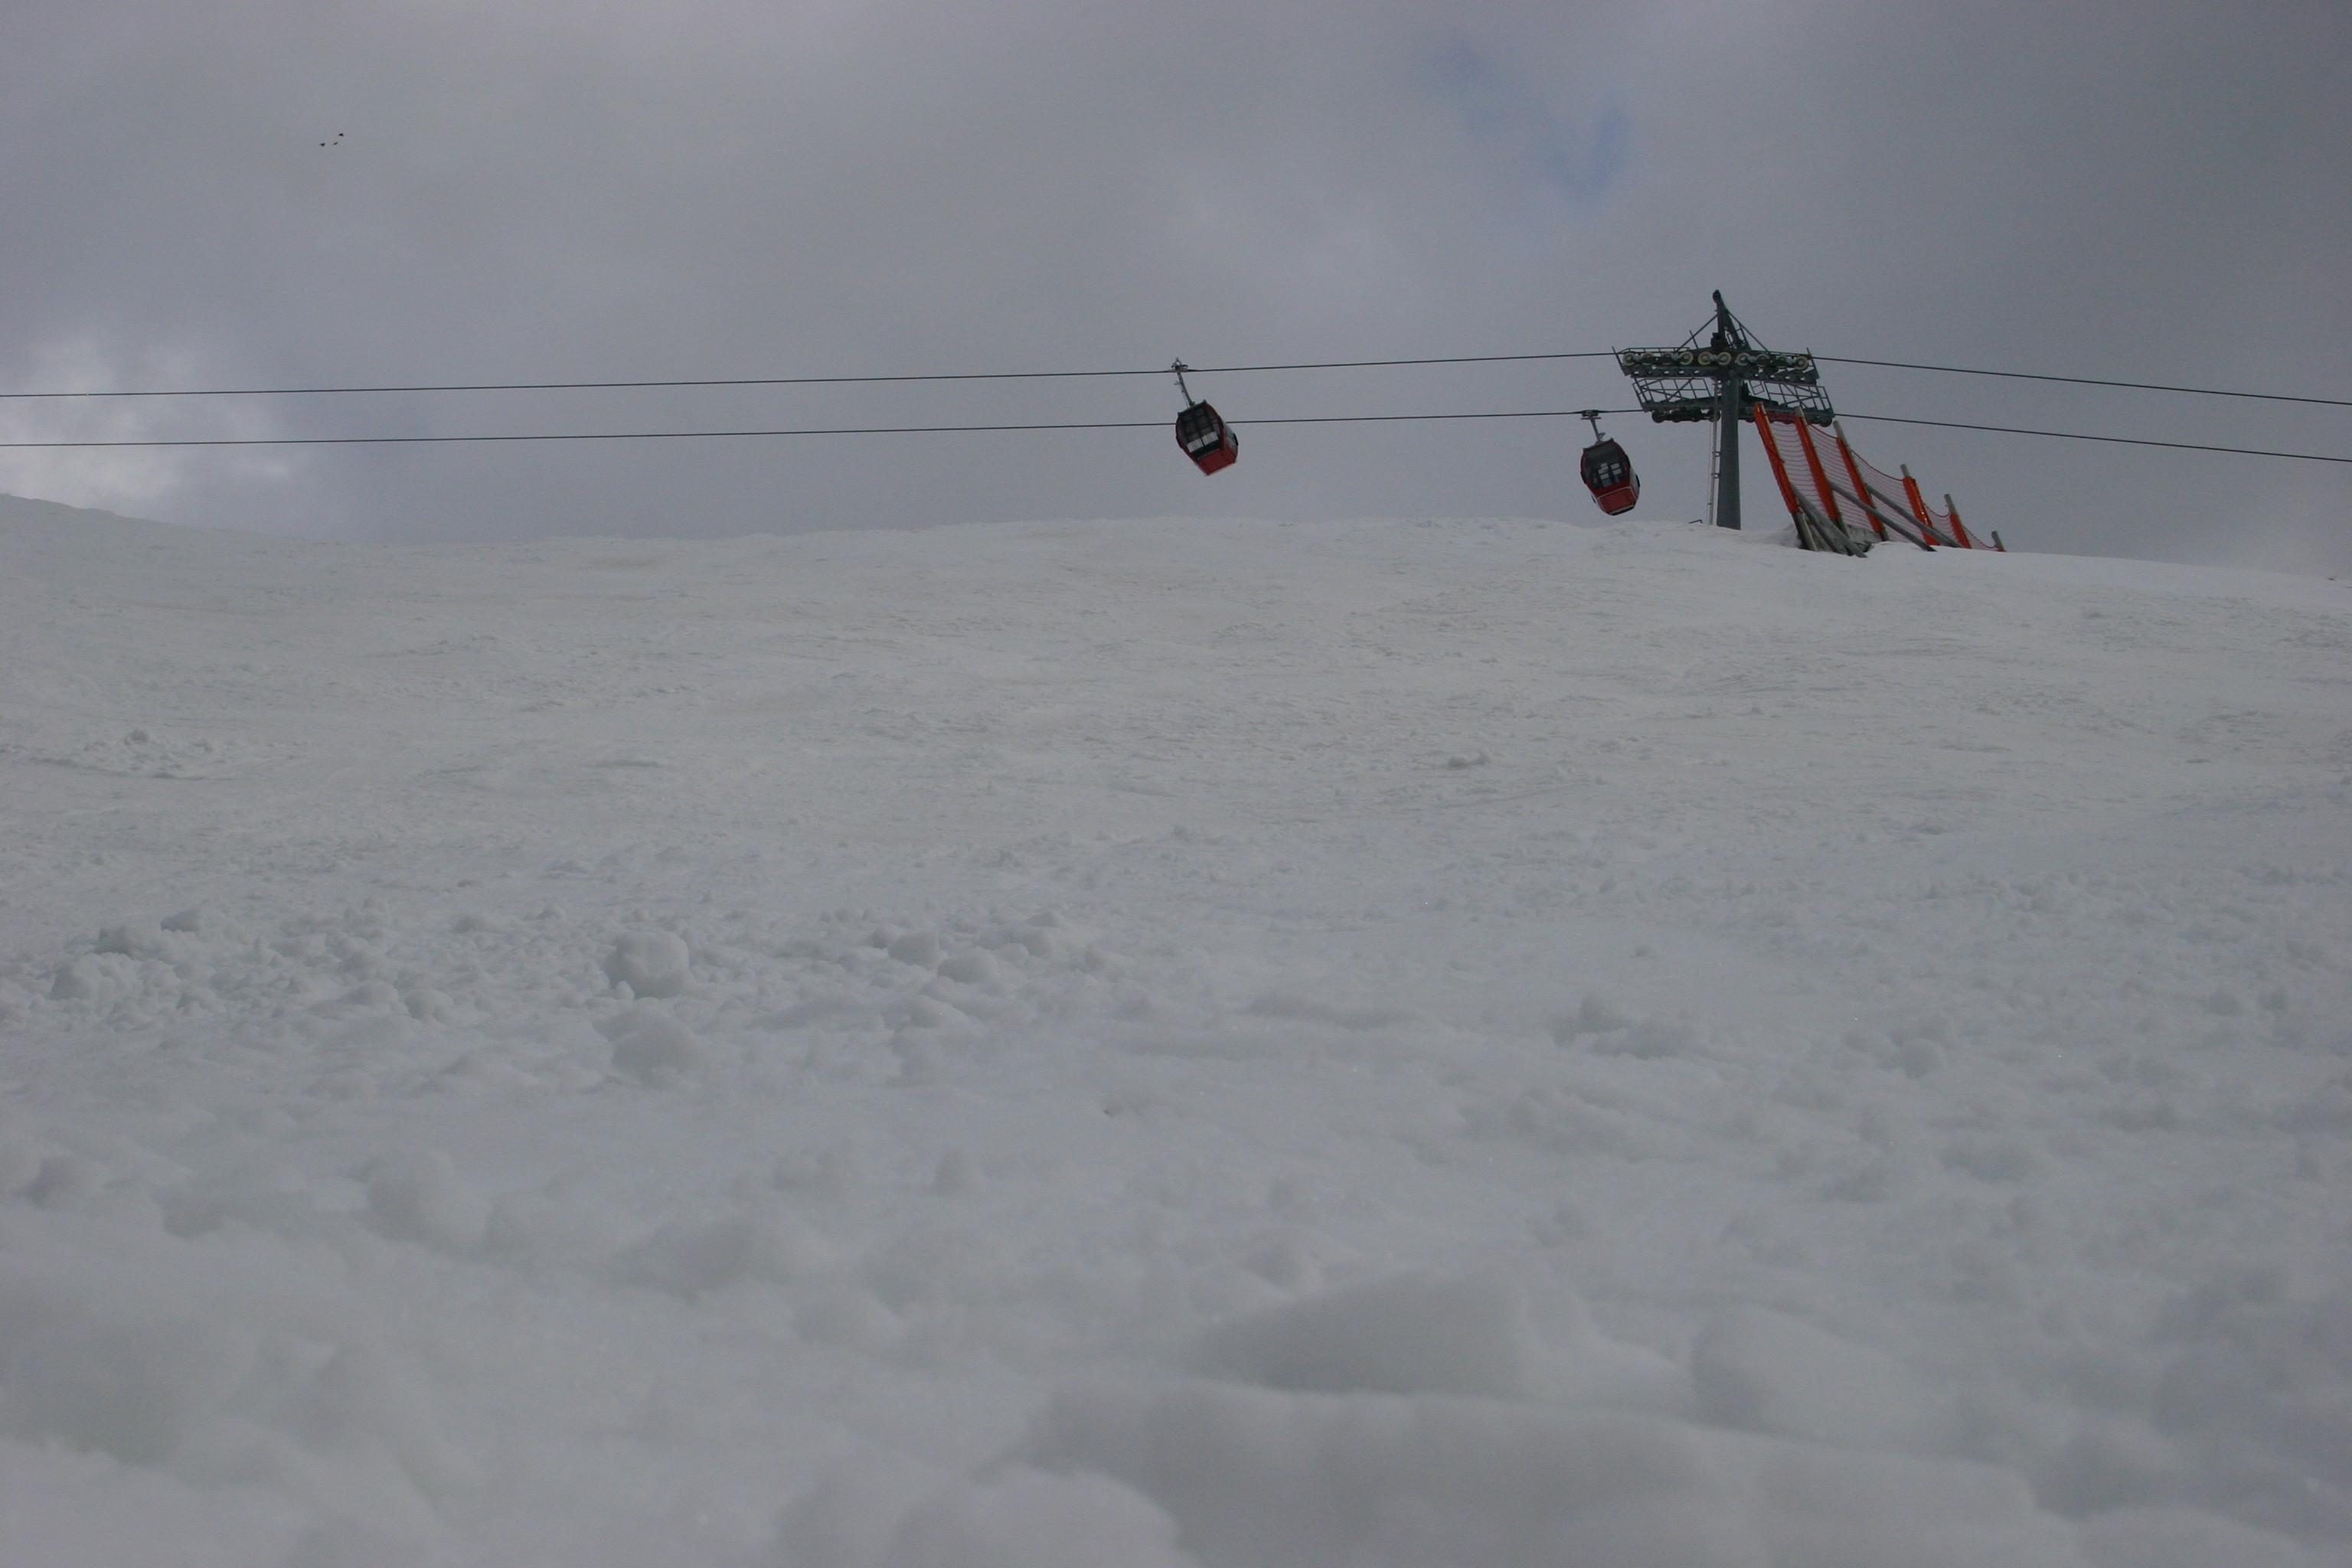 Kitzbüheler Alpen 372 - Dag 3